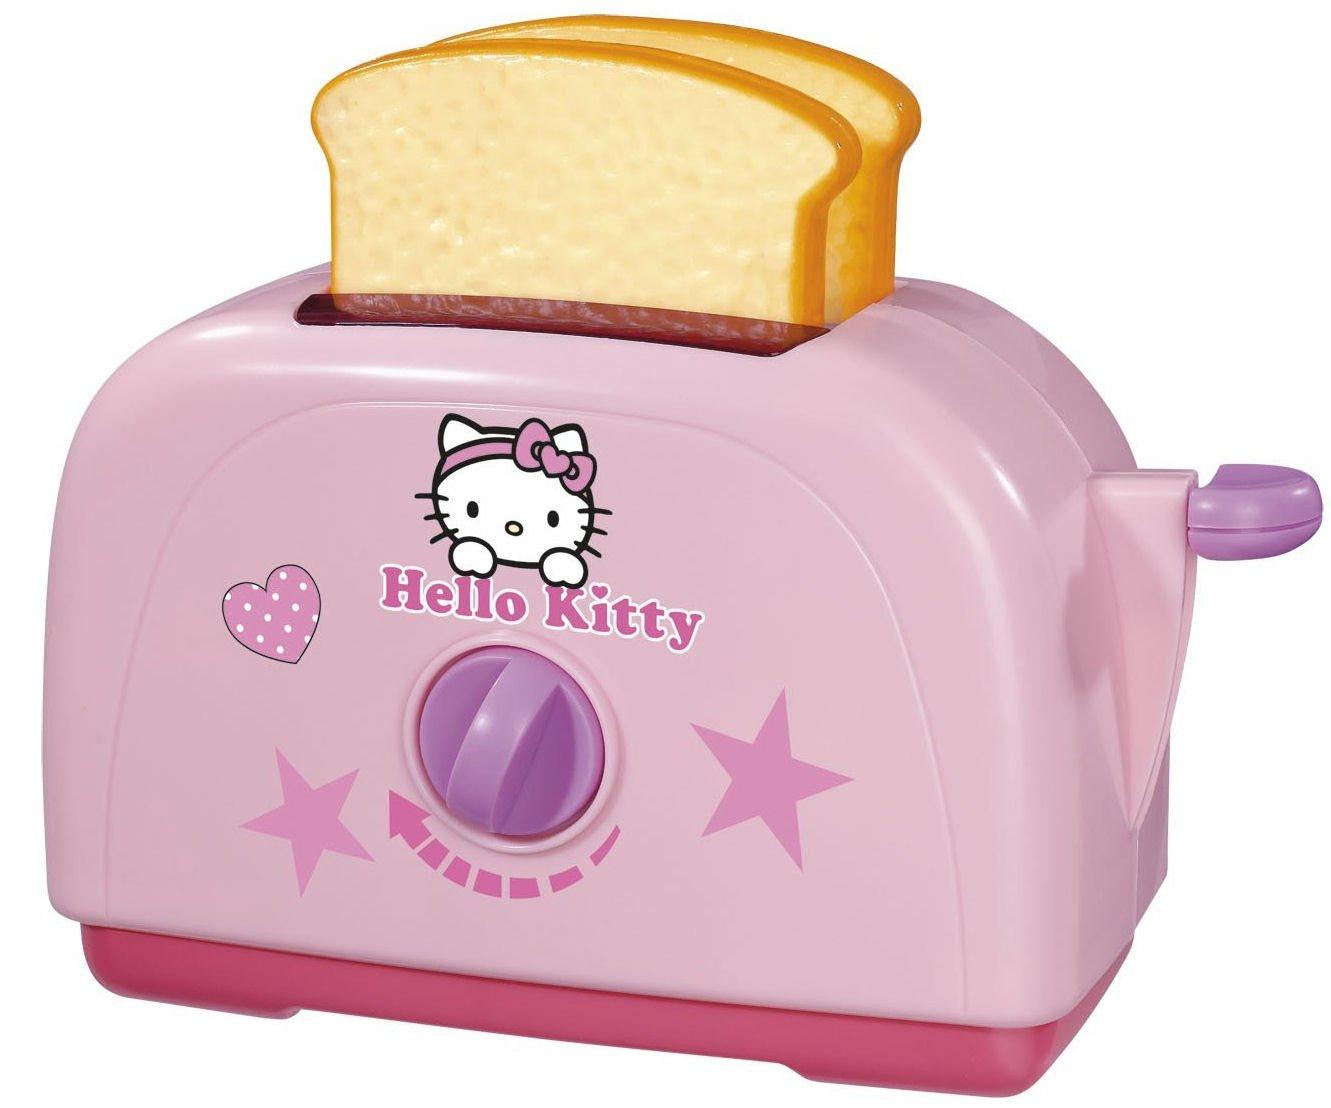 Kinder Toaster - Simba Hello Kitty Toaster - Spielzeug Toaster